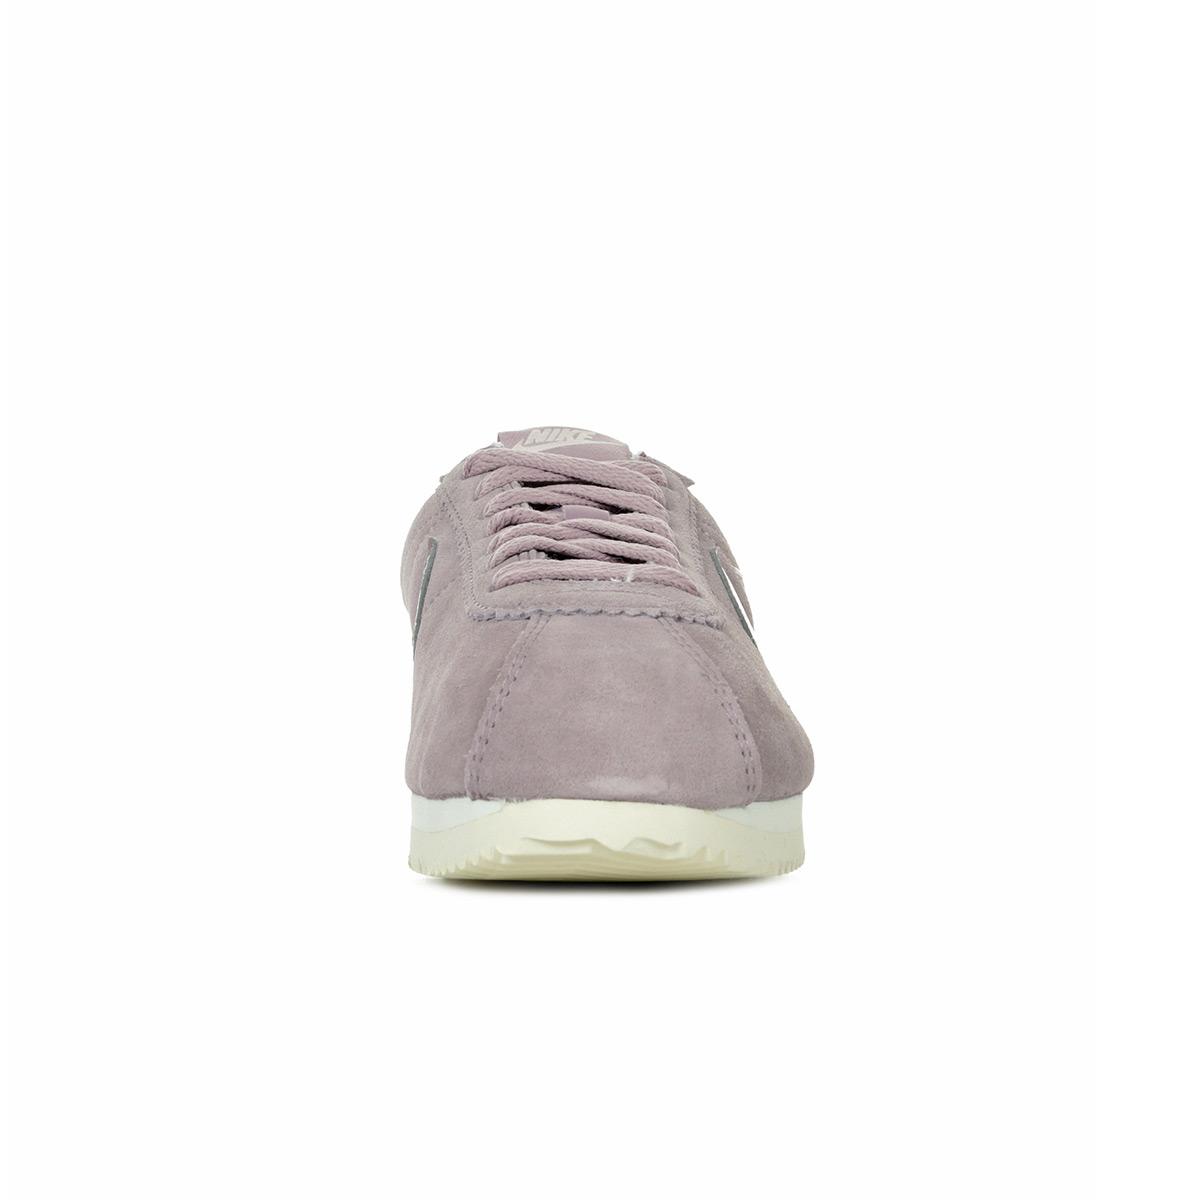 promo code 0de61 85ec4 ... Nike WMNS Classic Cortez Suede ...